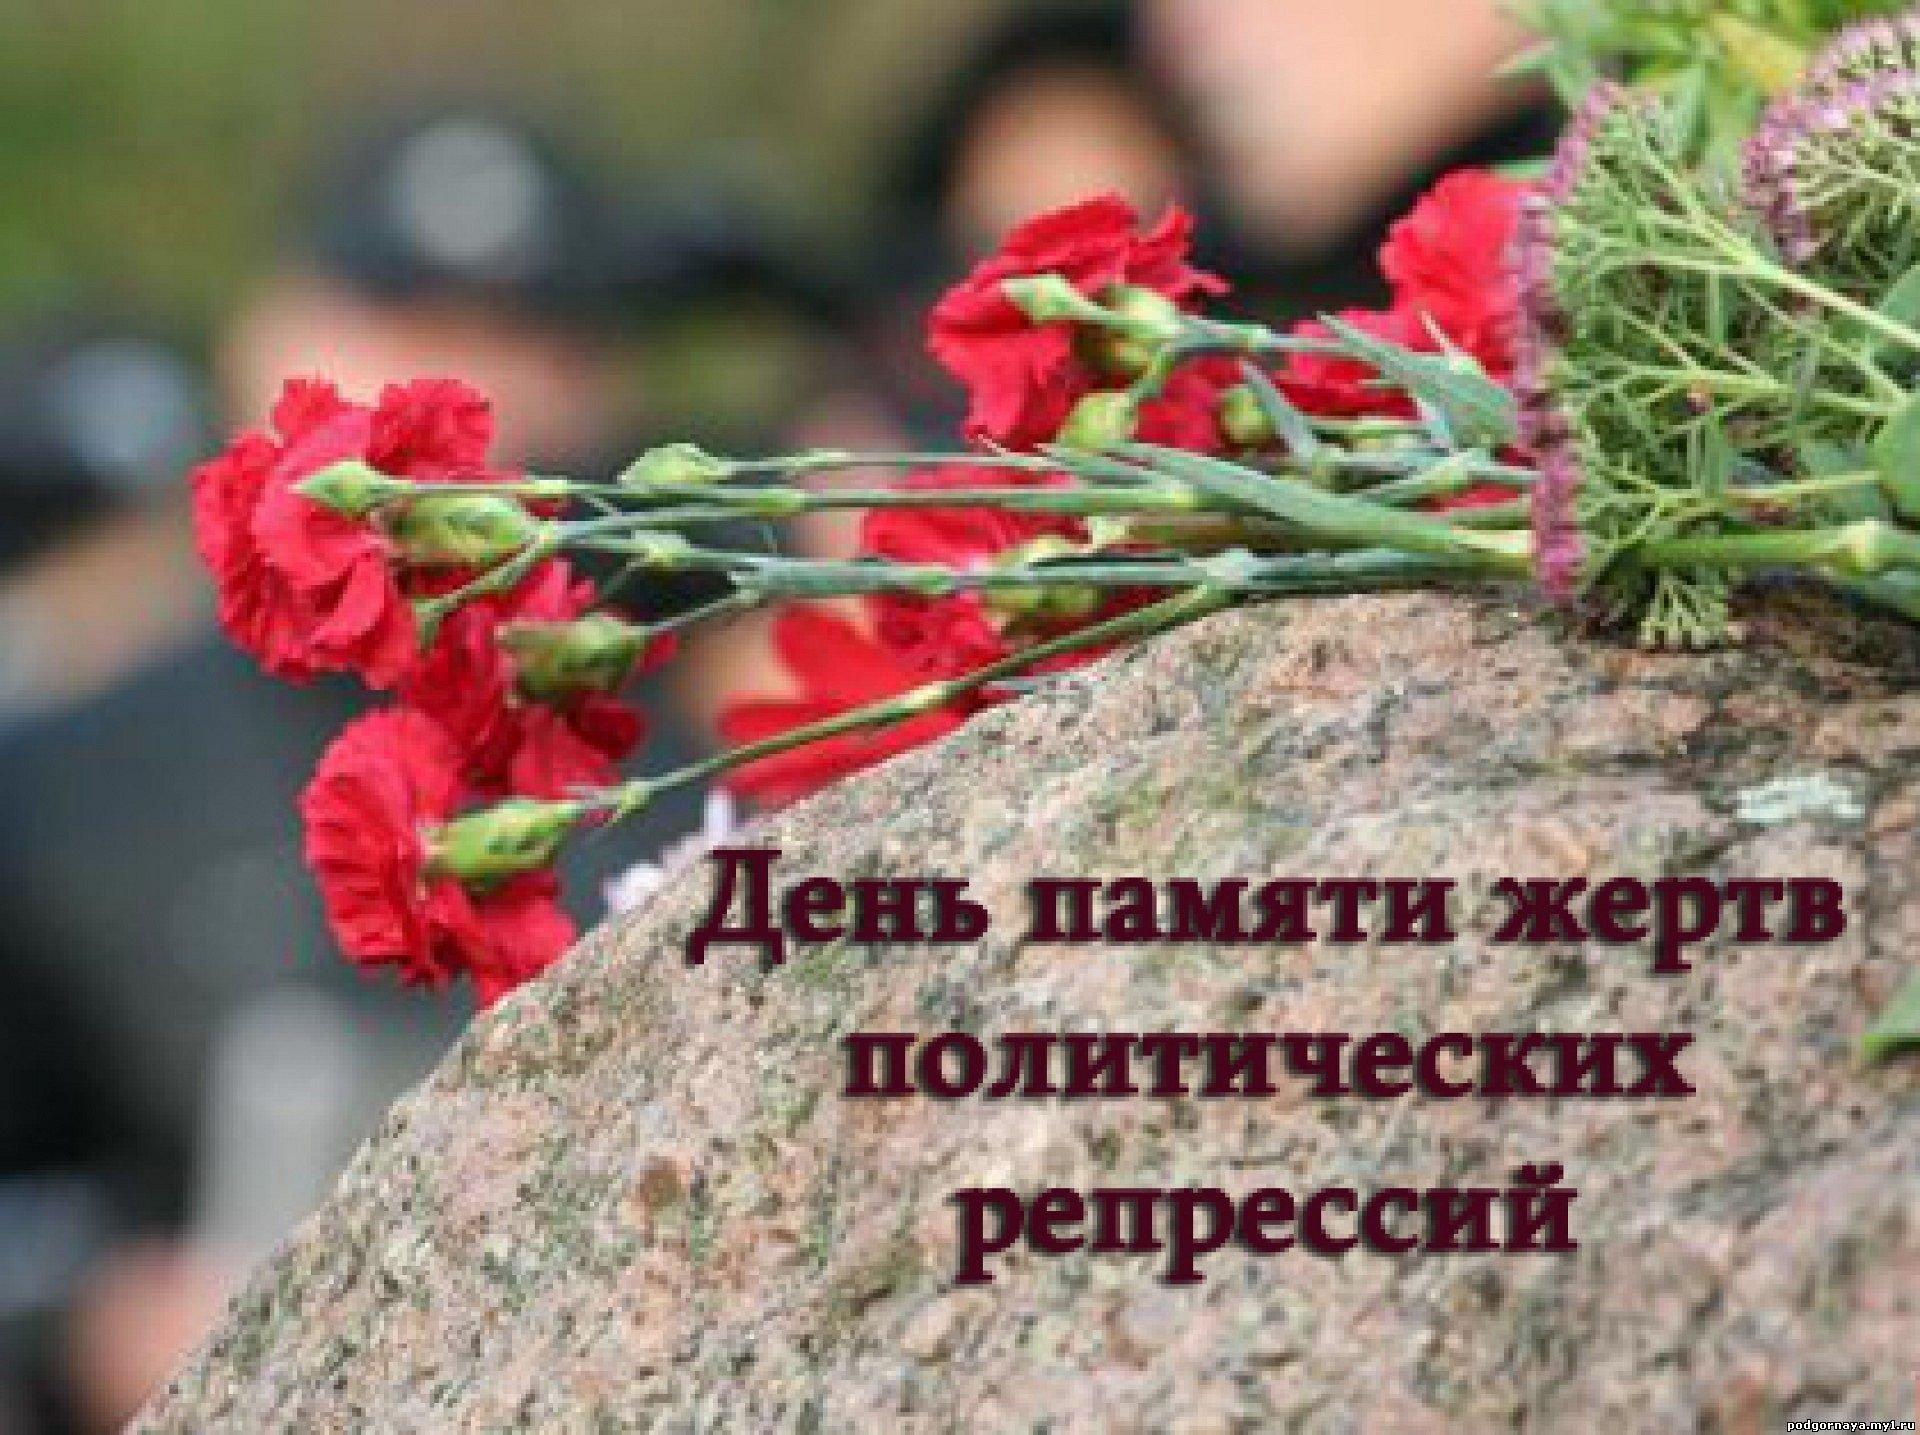 ВЖелезнодорожном районе Хабаровска почтут память жертв политических репрессий